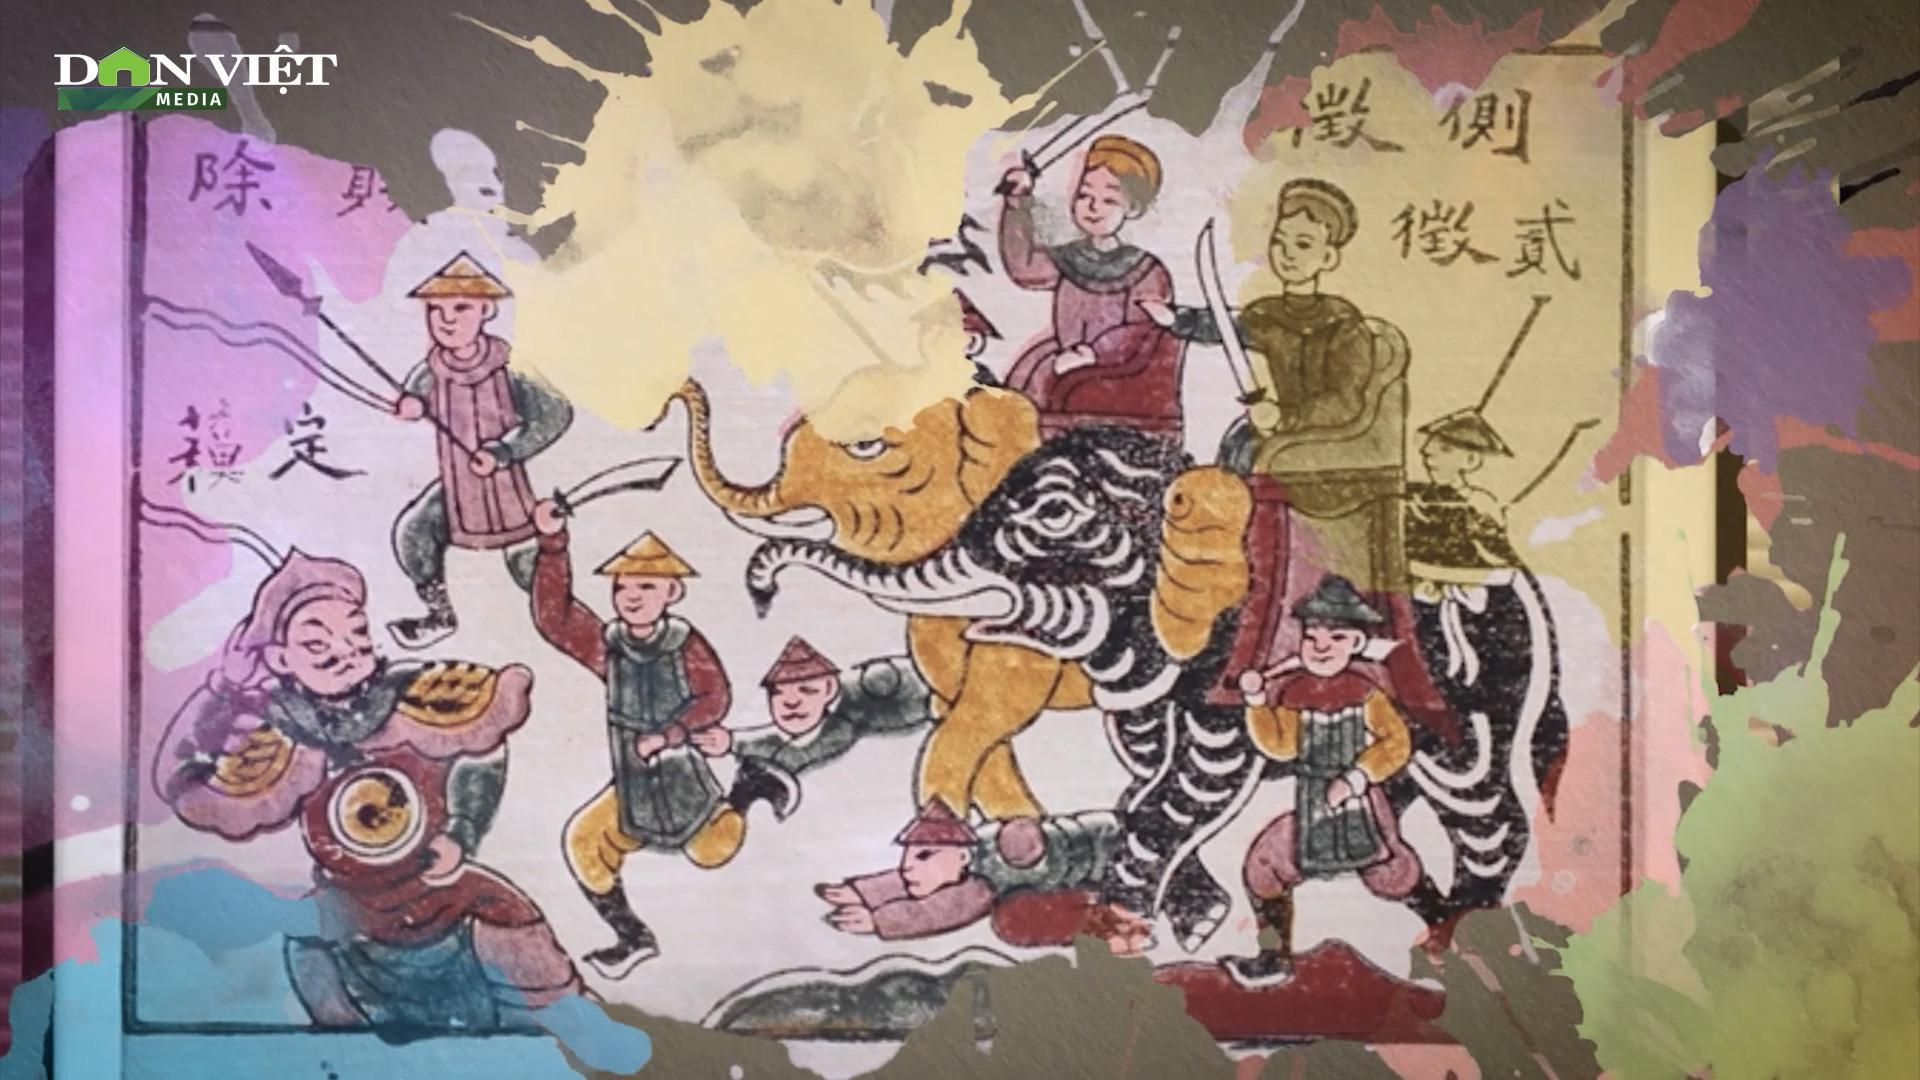 Tranh Đông Hồ, ẩn chứa nét đẹp sâu xa văn hóa Việt